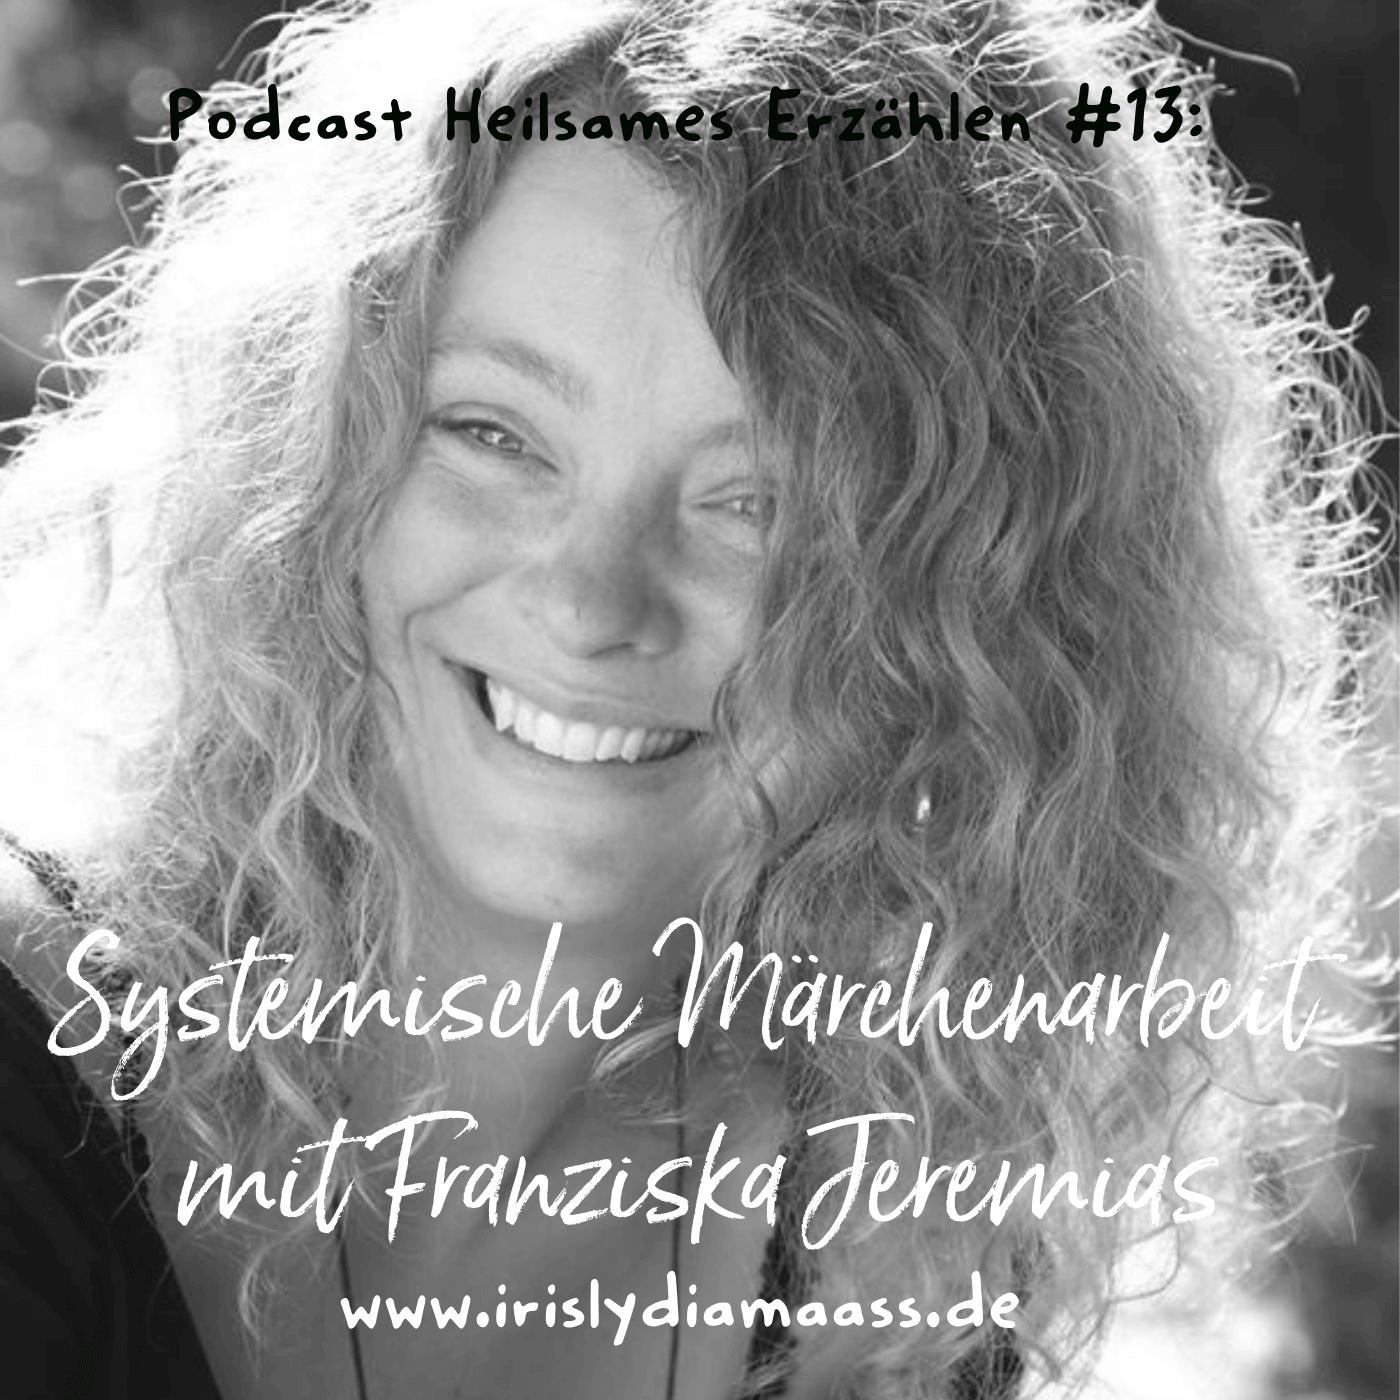 Podcast Heilsames Erzählen #13: Systemische Märchenarbeit